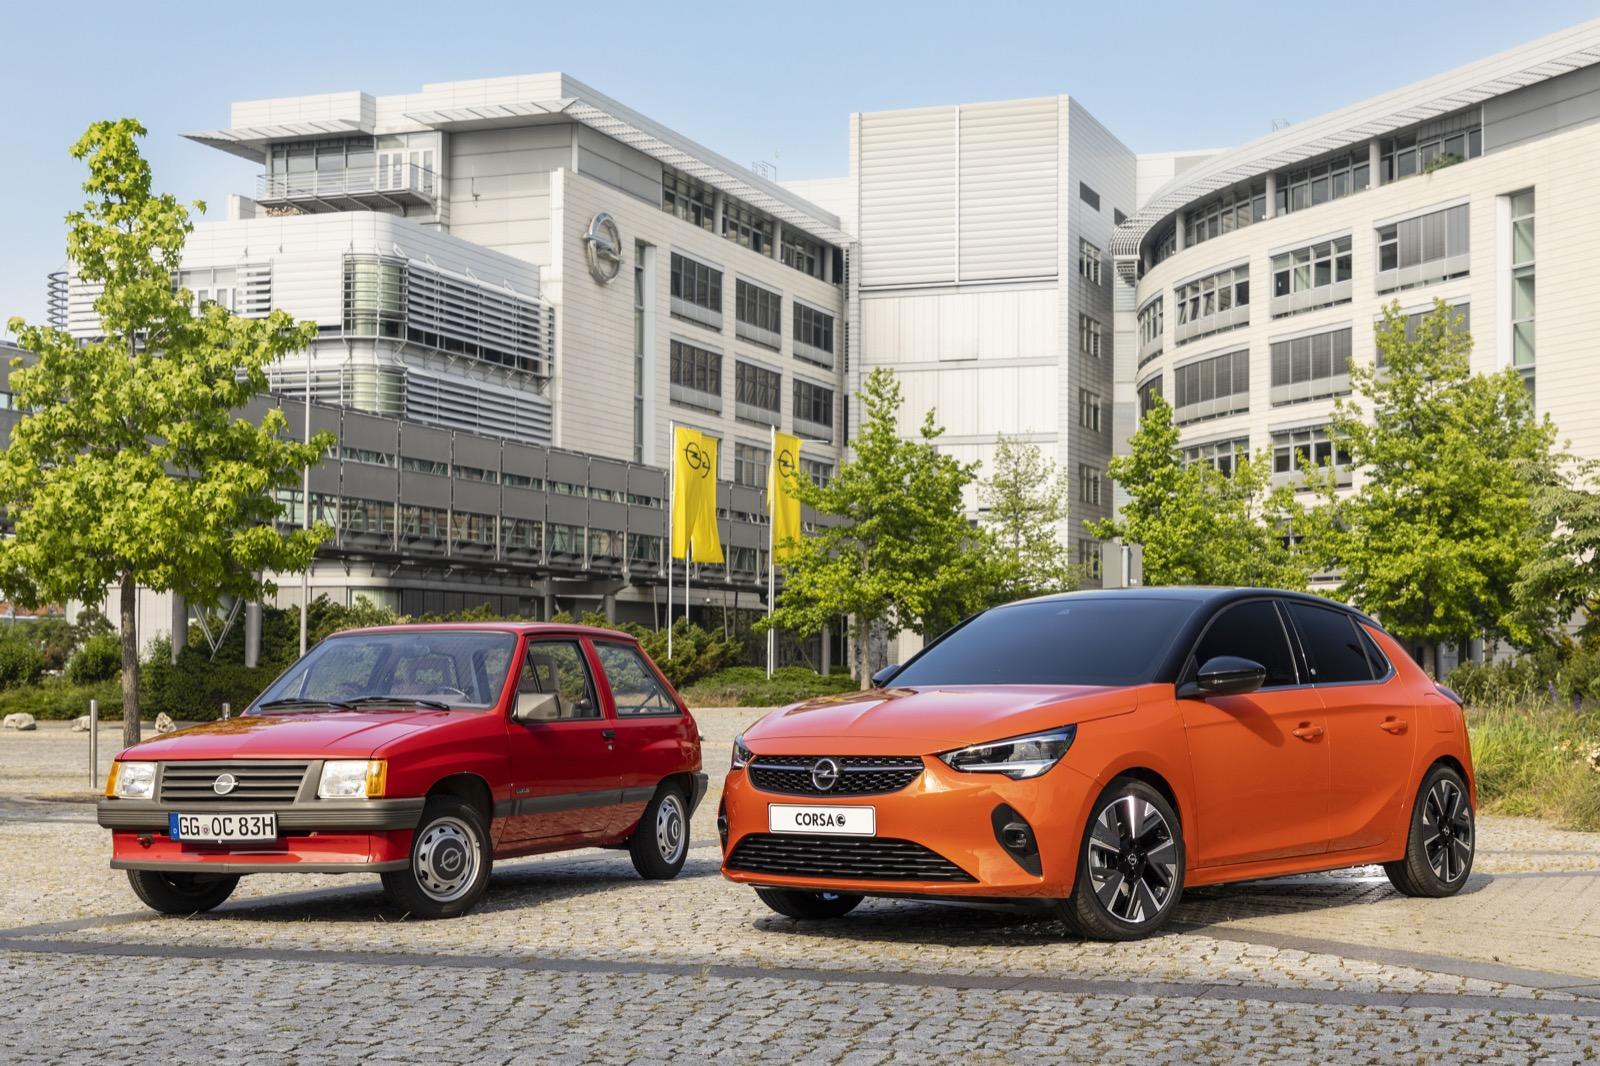 Opel Corsa E (2019) & Opel Corsa Luxus (1983)